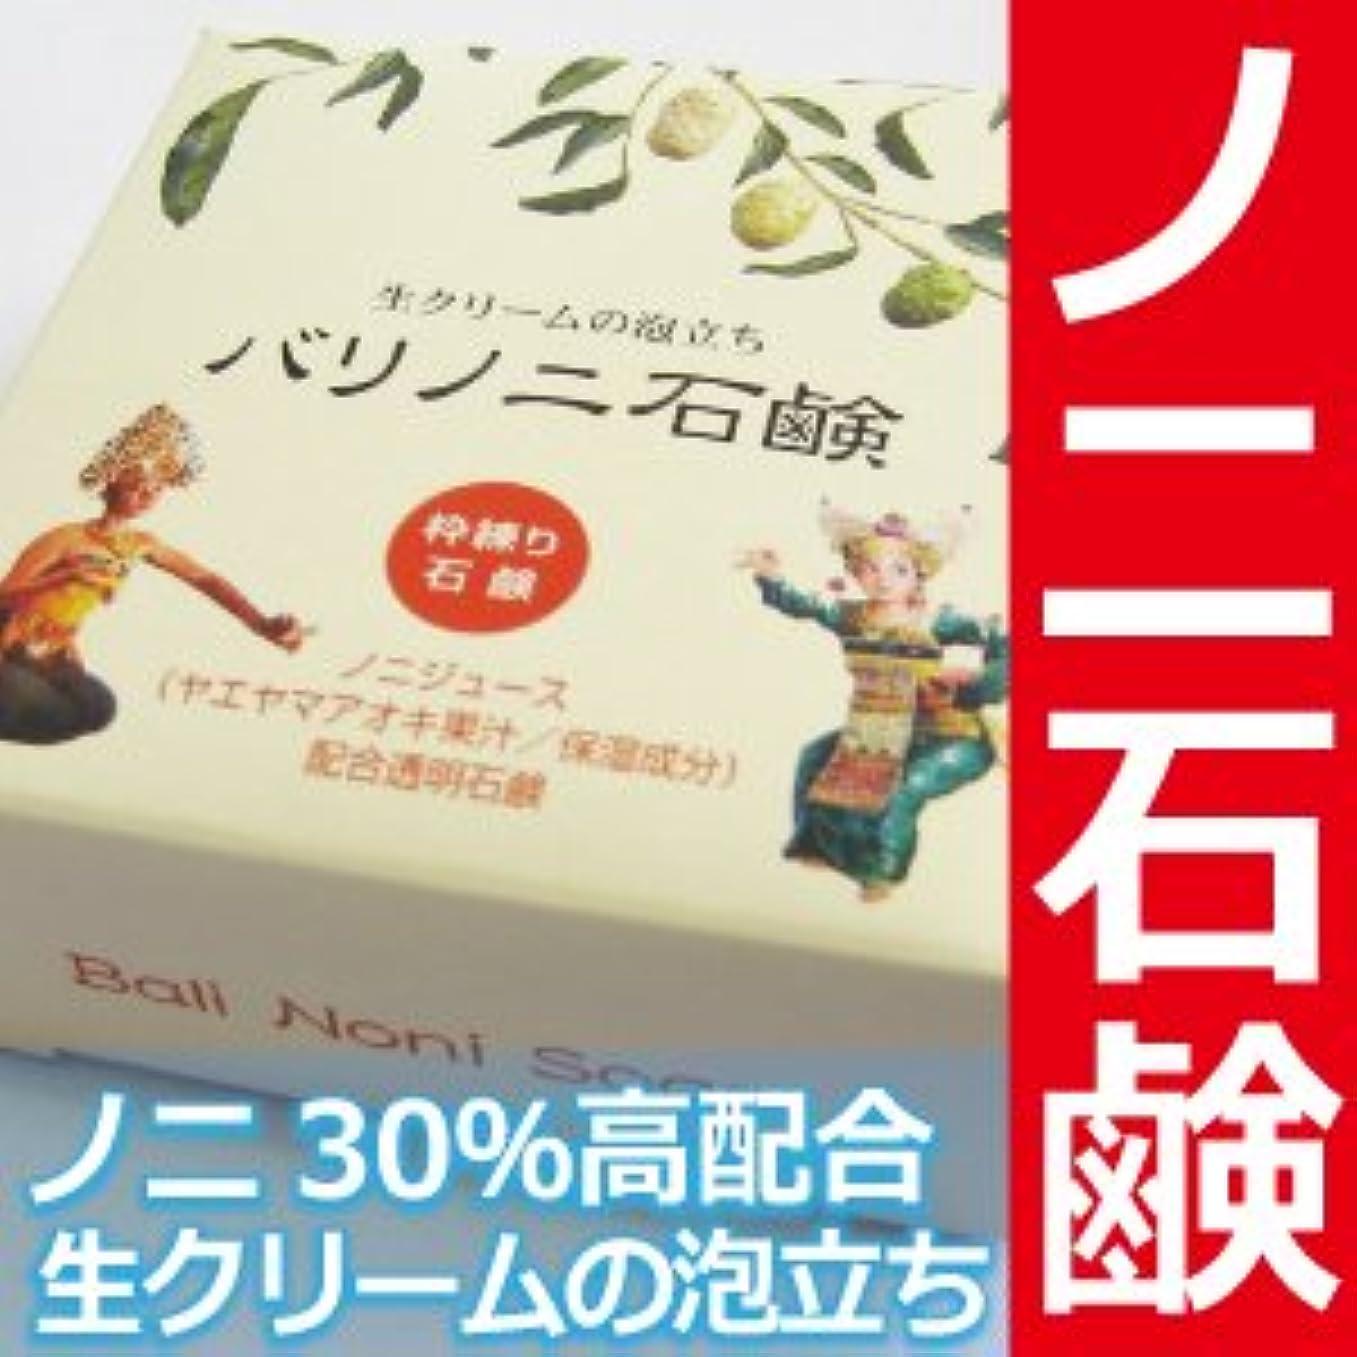 プロフィール安全性パイロットノニ30%の高配合枠練り石鹸 もっちり生クリームの泡立ち バリノニ石鹸(枠練り) 90g